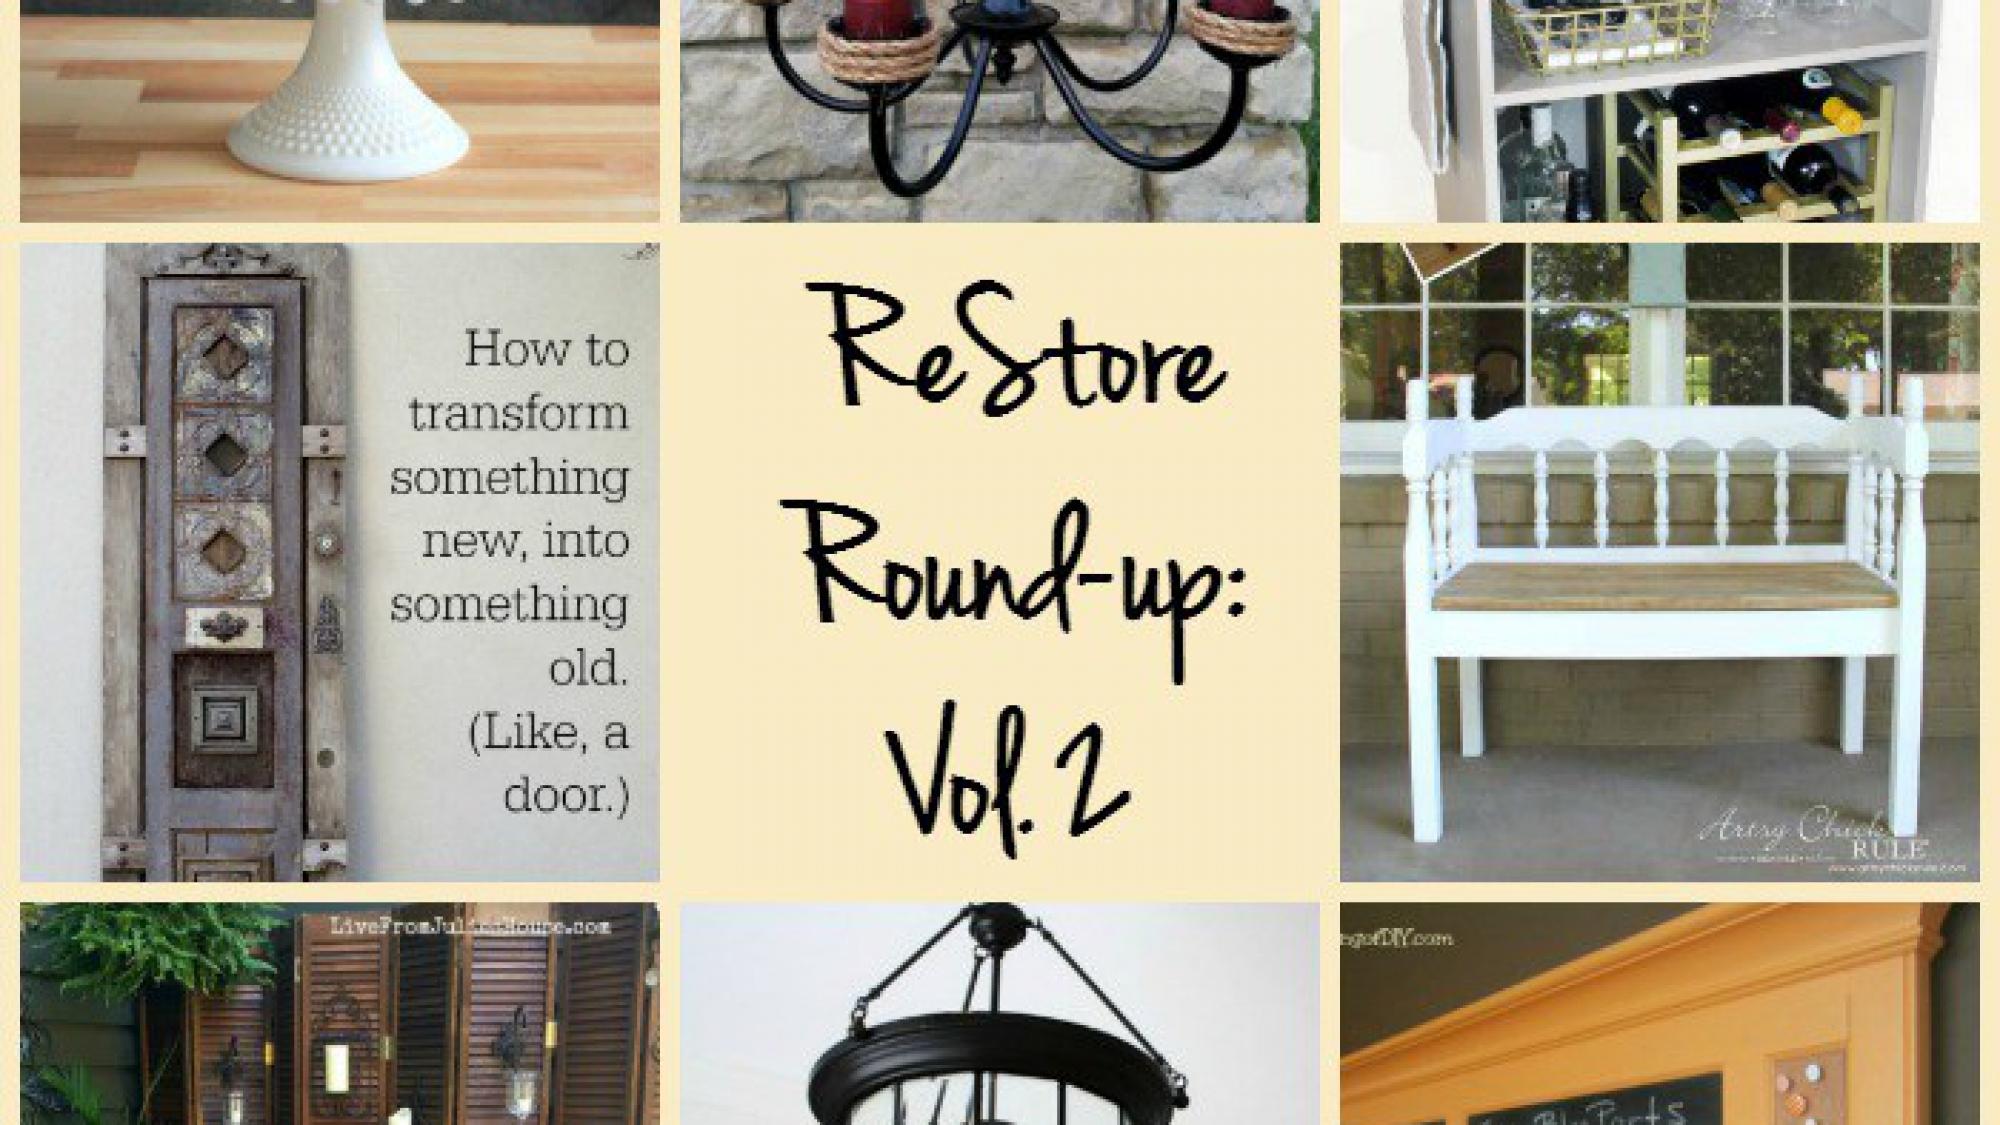 restore-round-up-vol-2